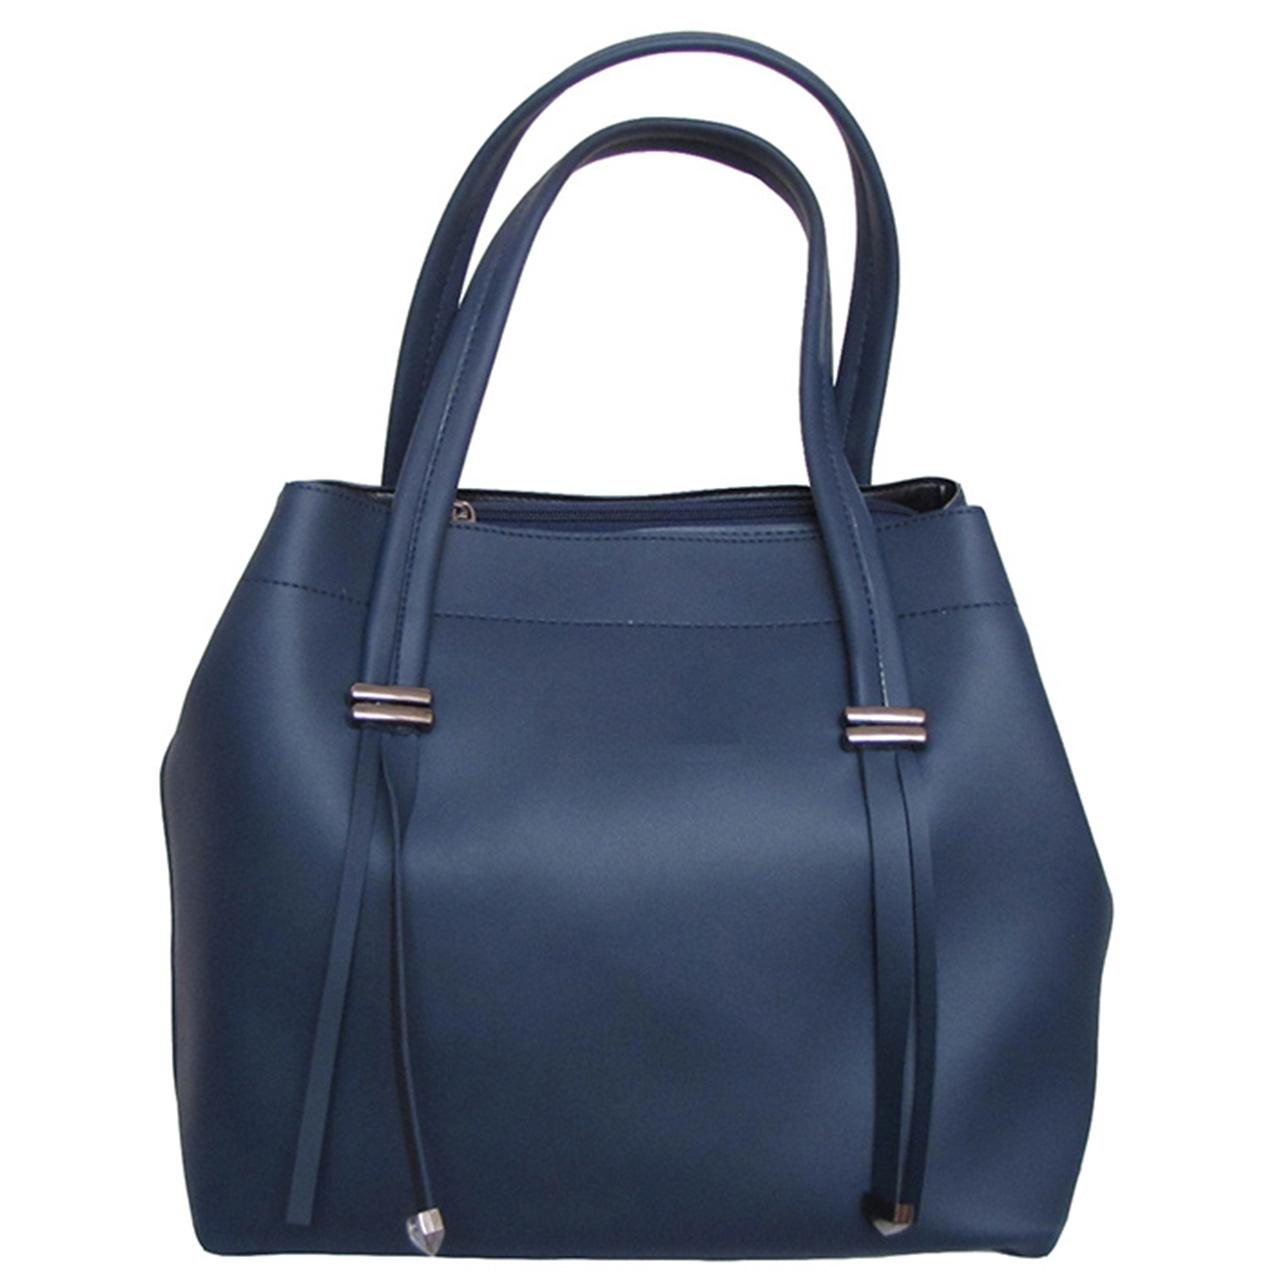 قیمت کیف دستی زنانه مدل یونیک 836